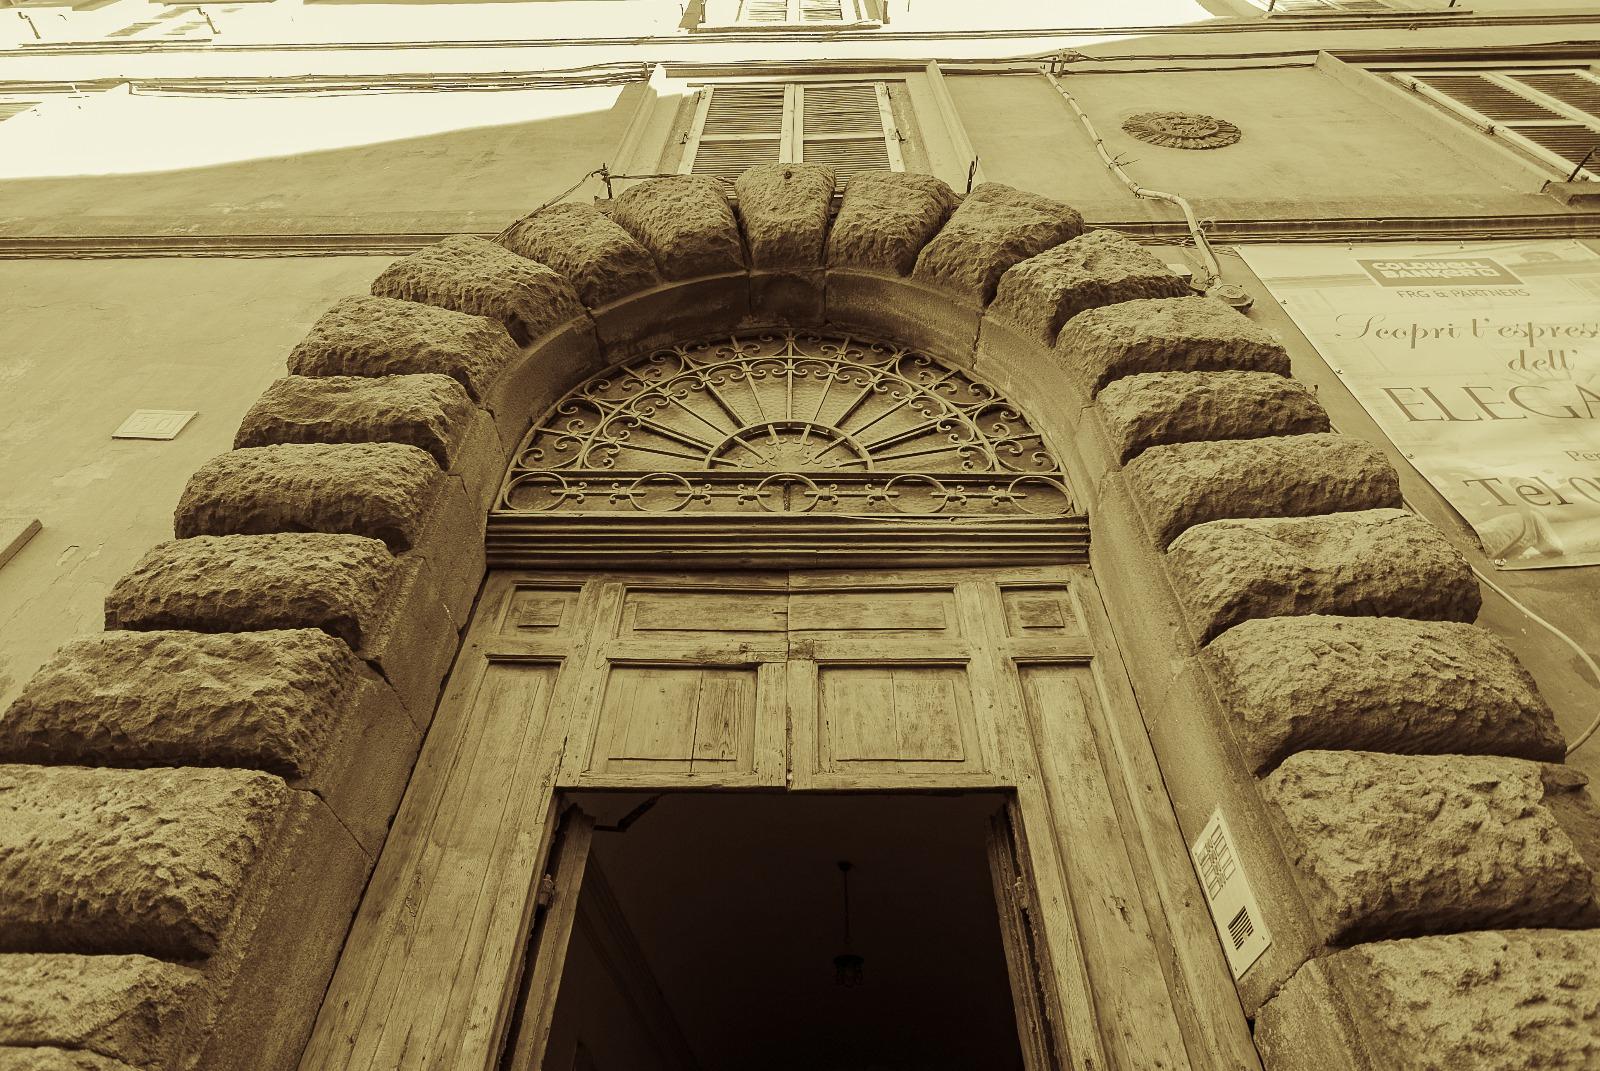 Appartamento in vendita a Viterbo, 4 locali, zona Zona: Centro, prezzo € 215.000 | CambioCasa.it